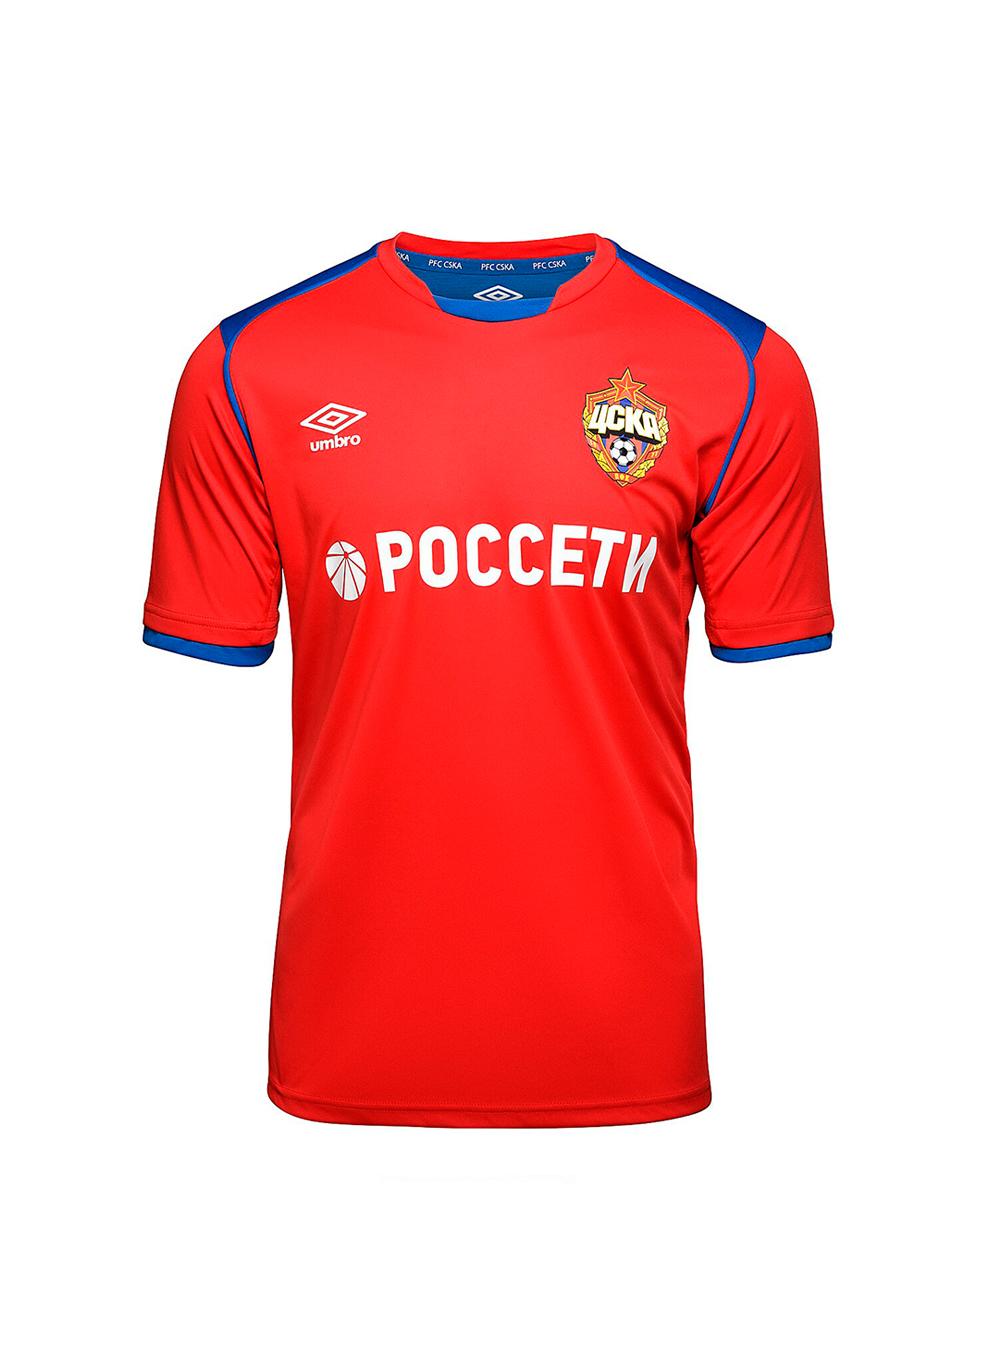 Купить Футболка детская игровая домашняя (134) по Нижнему Новгороду